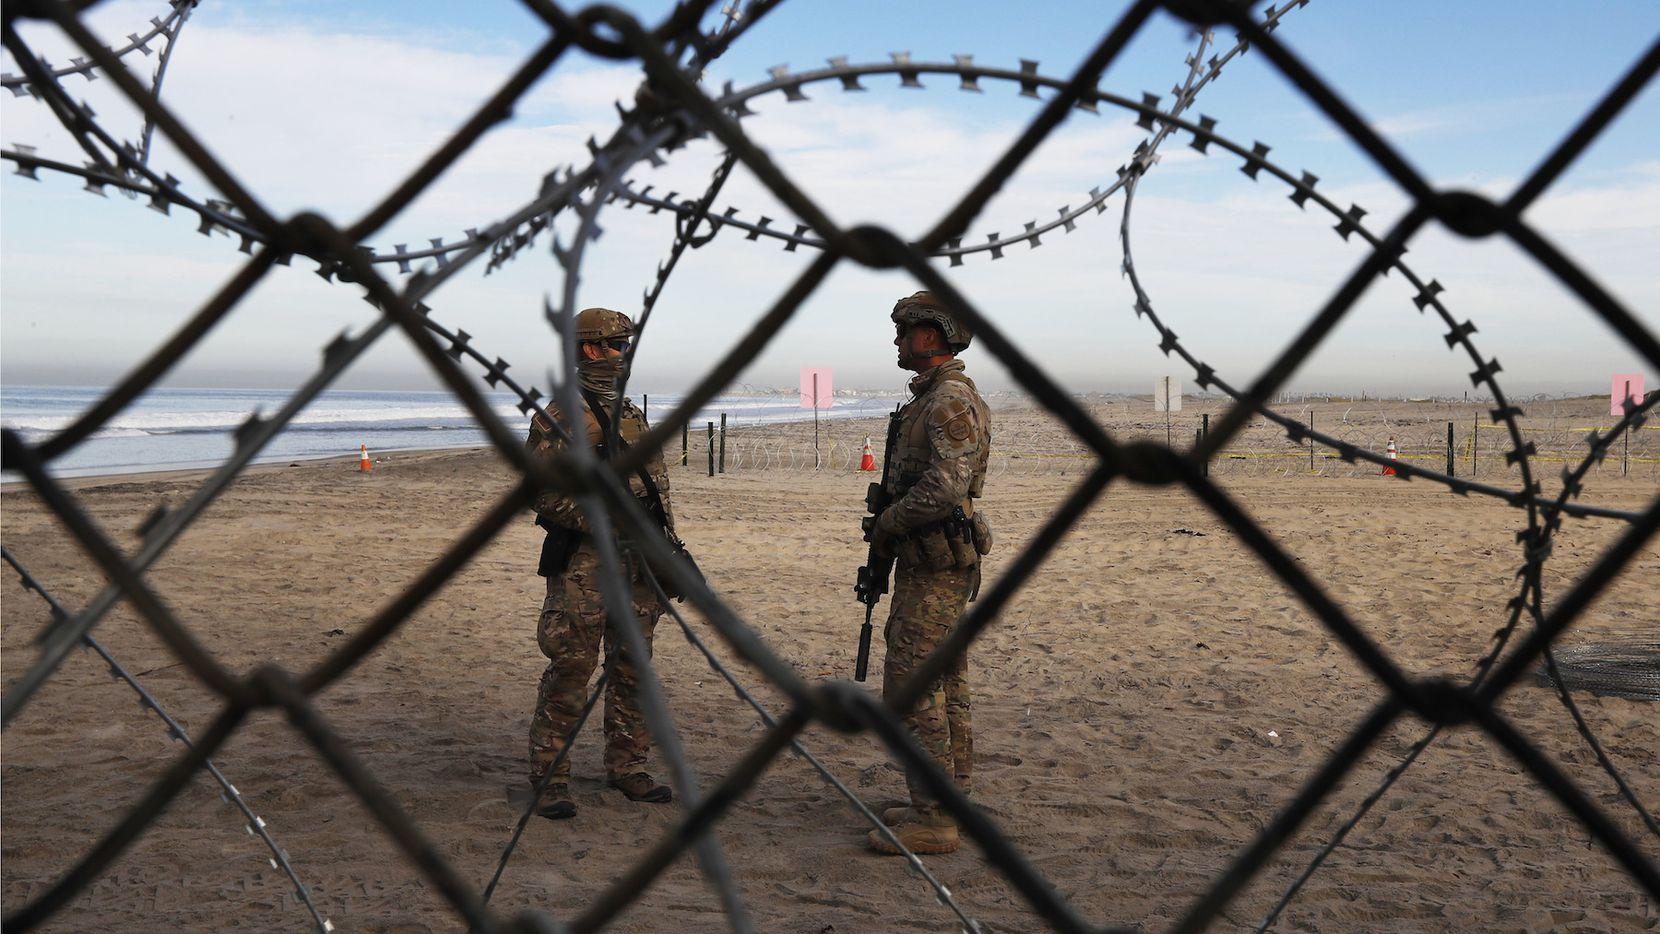 Soldados patrullan la zona fronteriza entre California y México. AP